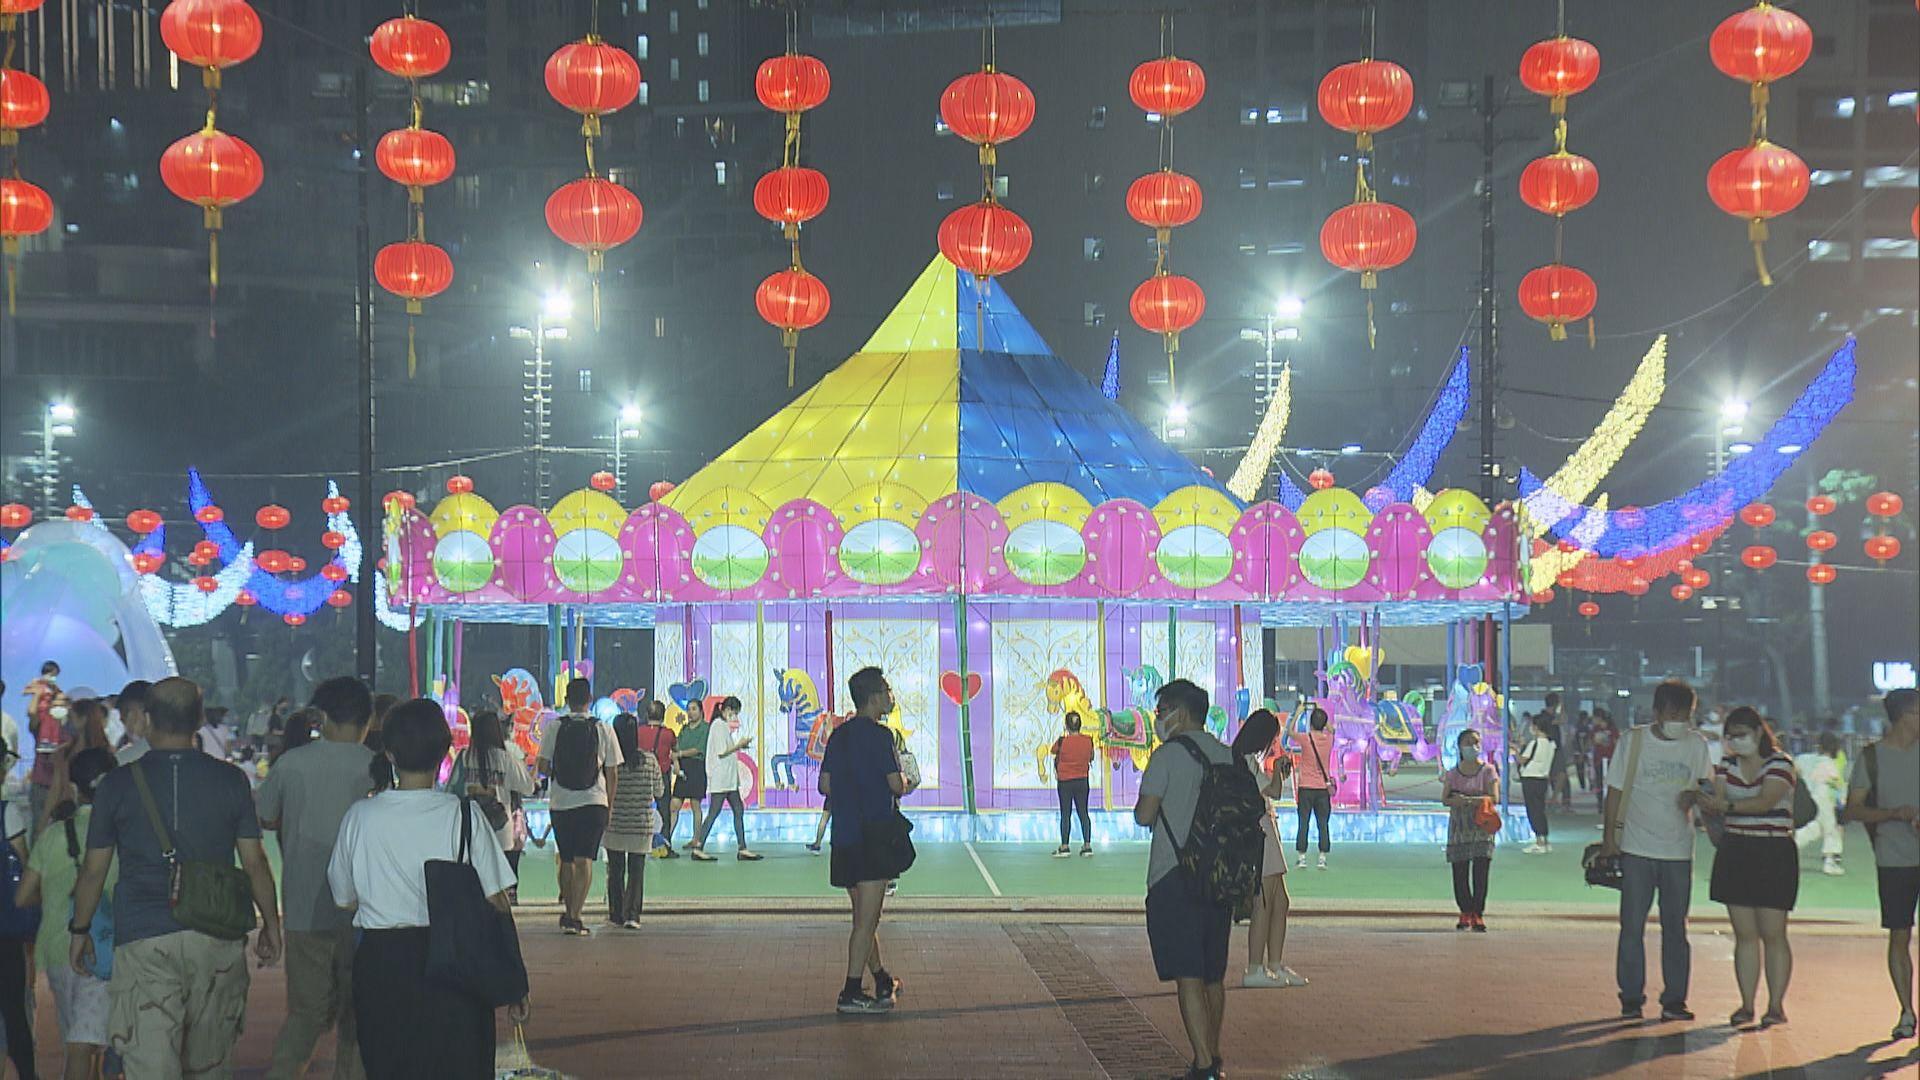 維園中秋燈飾亮燈 展出大型迴旋木馬燈飾